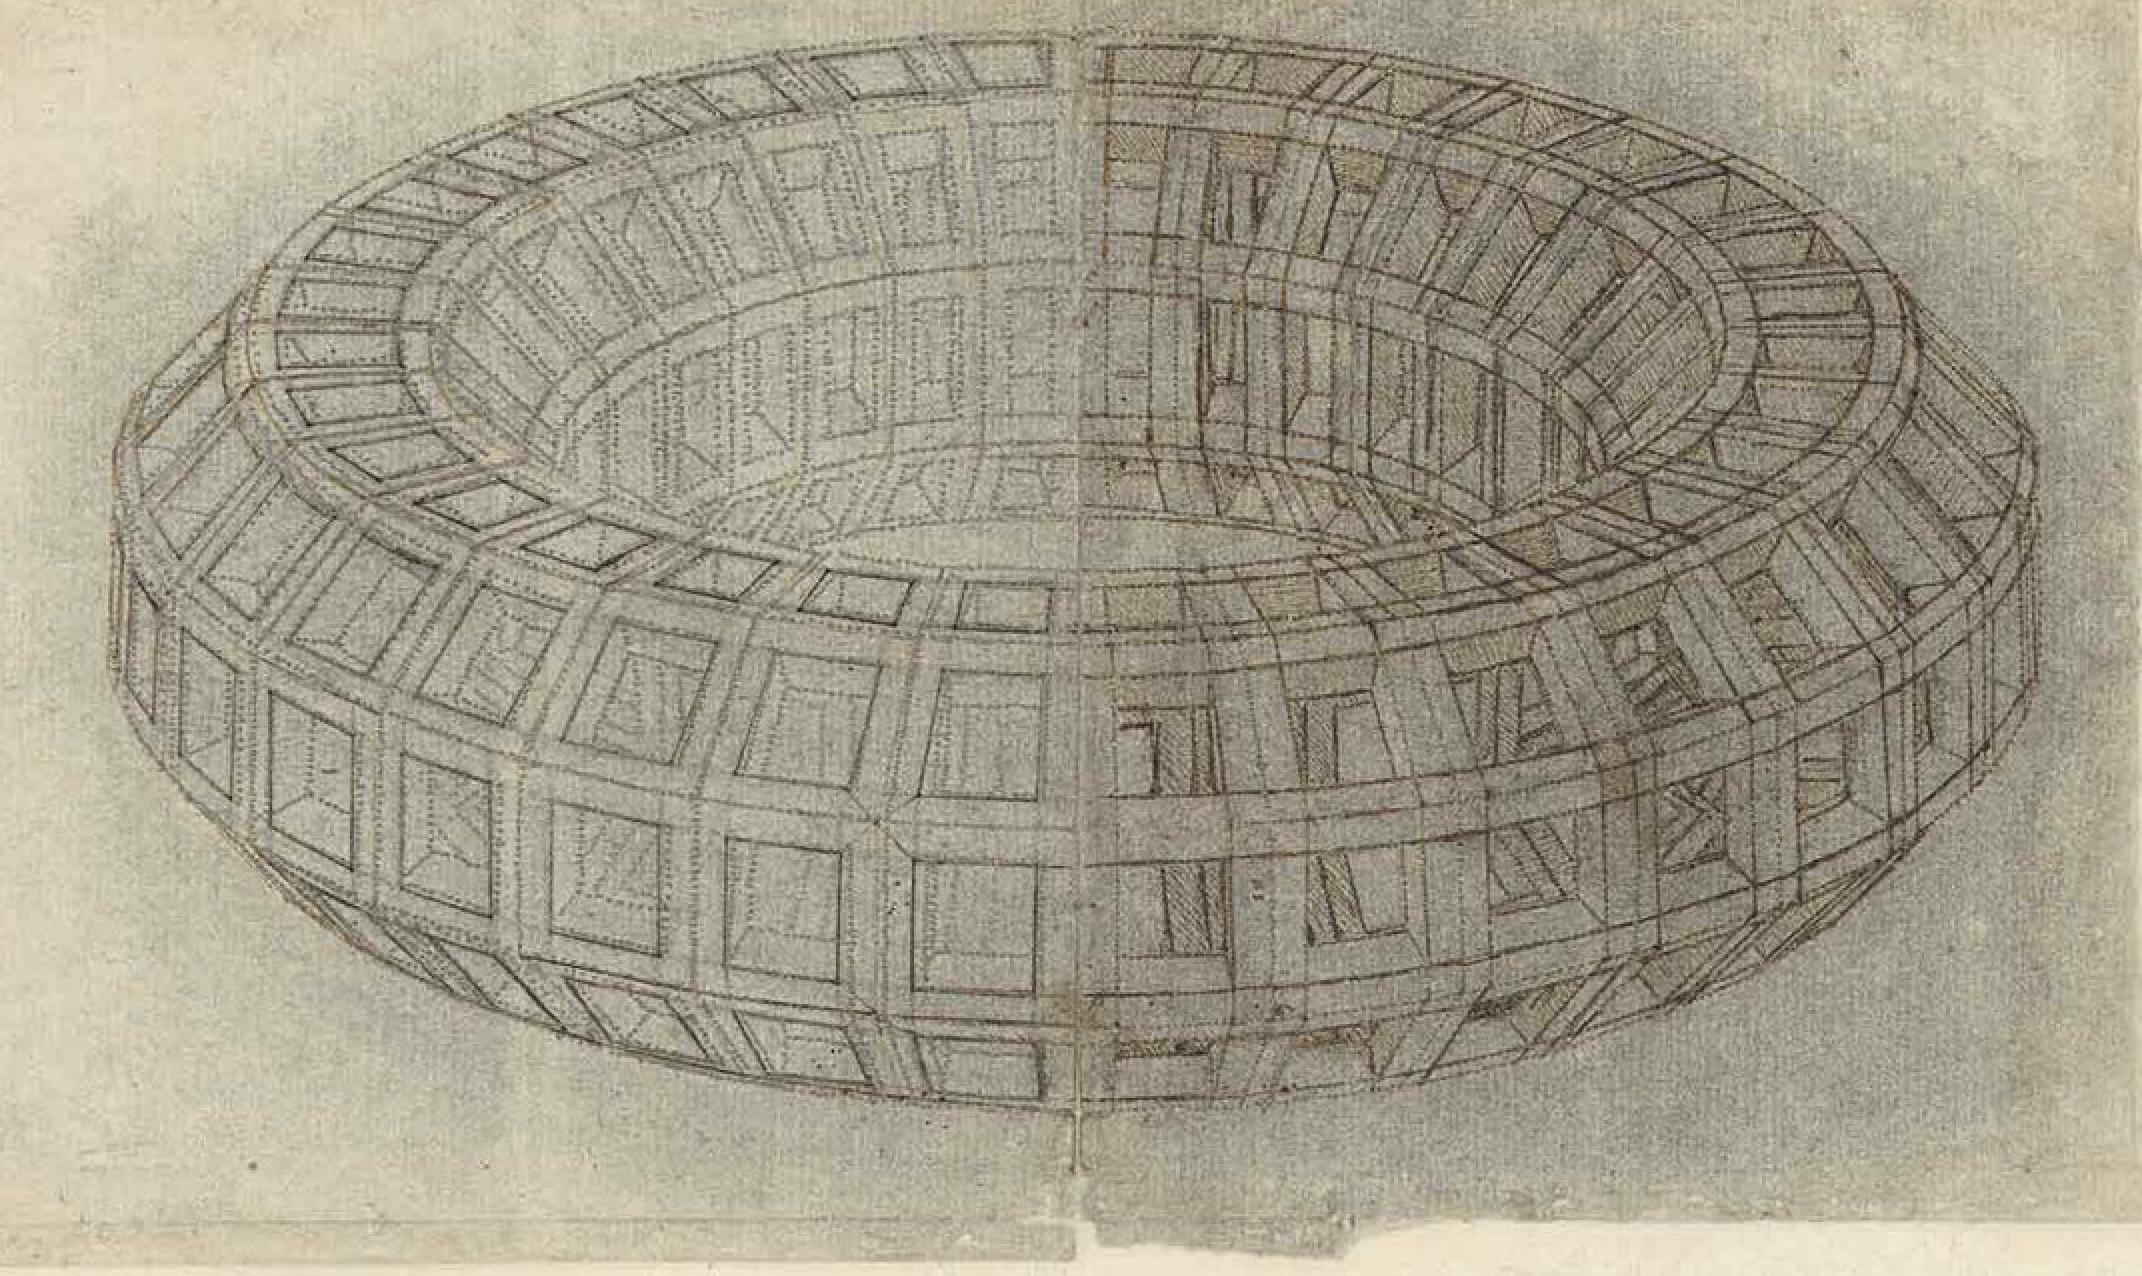 Ausschnitt_-Leonardo_da_Vinci_-_Ambrosiana-Leonardo-da-Vinci-Codice-Atlantico-Mazzocchio-cal_web